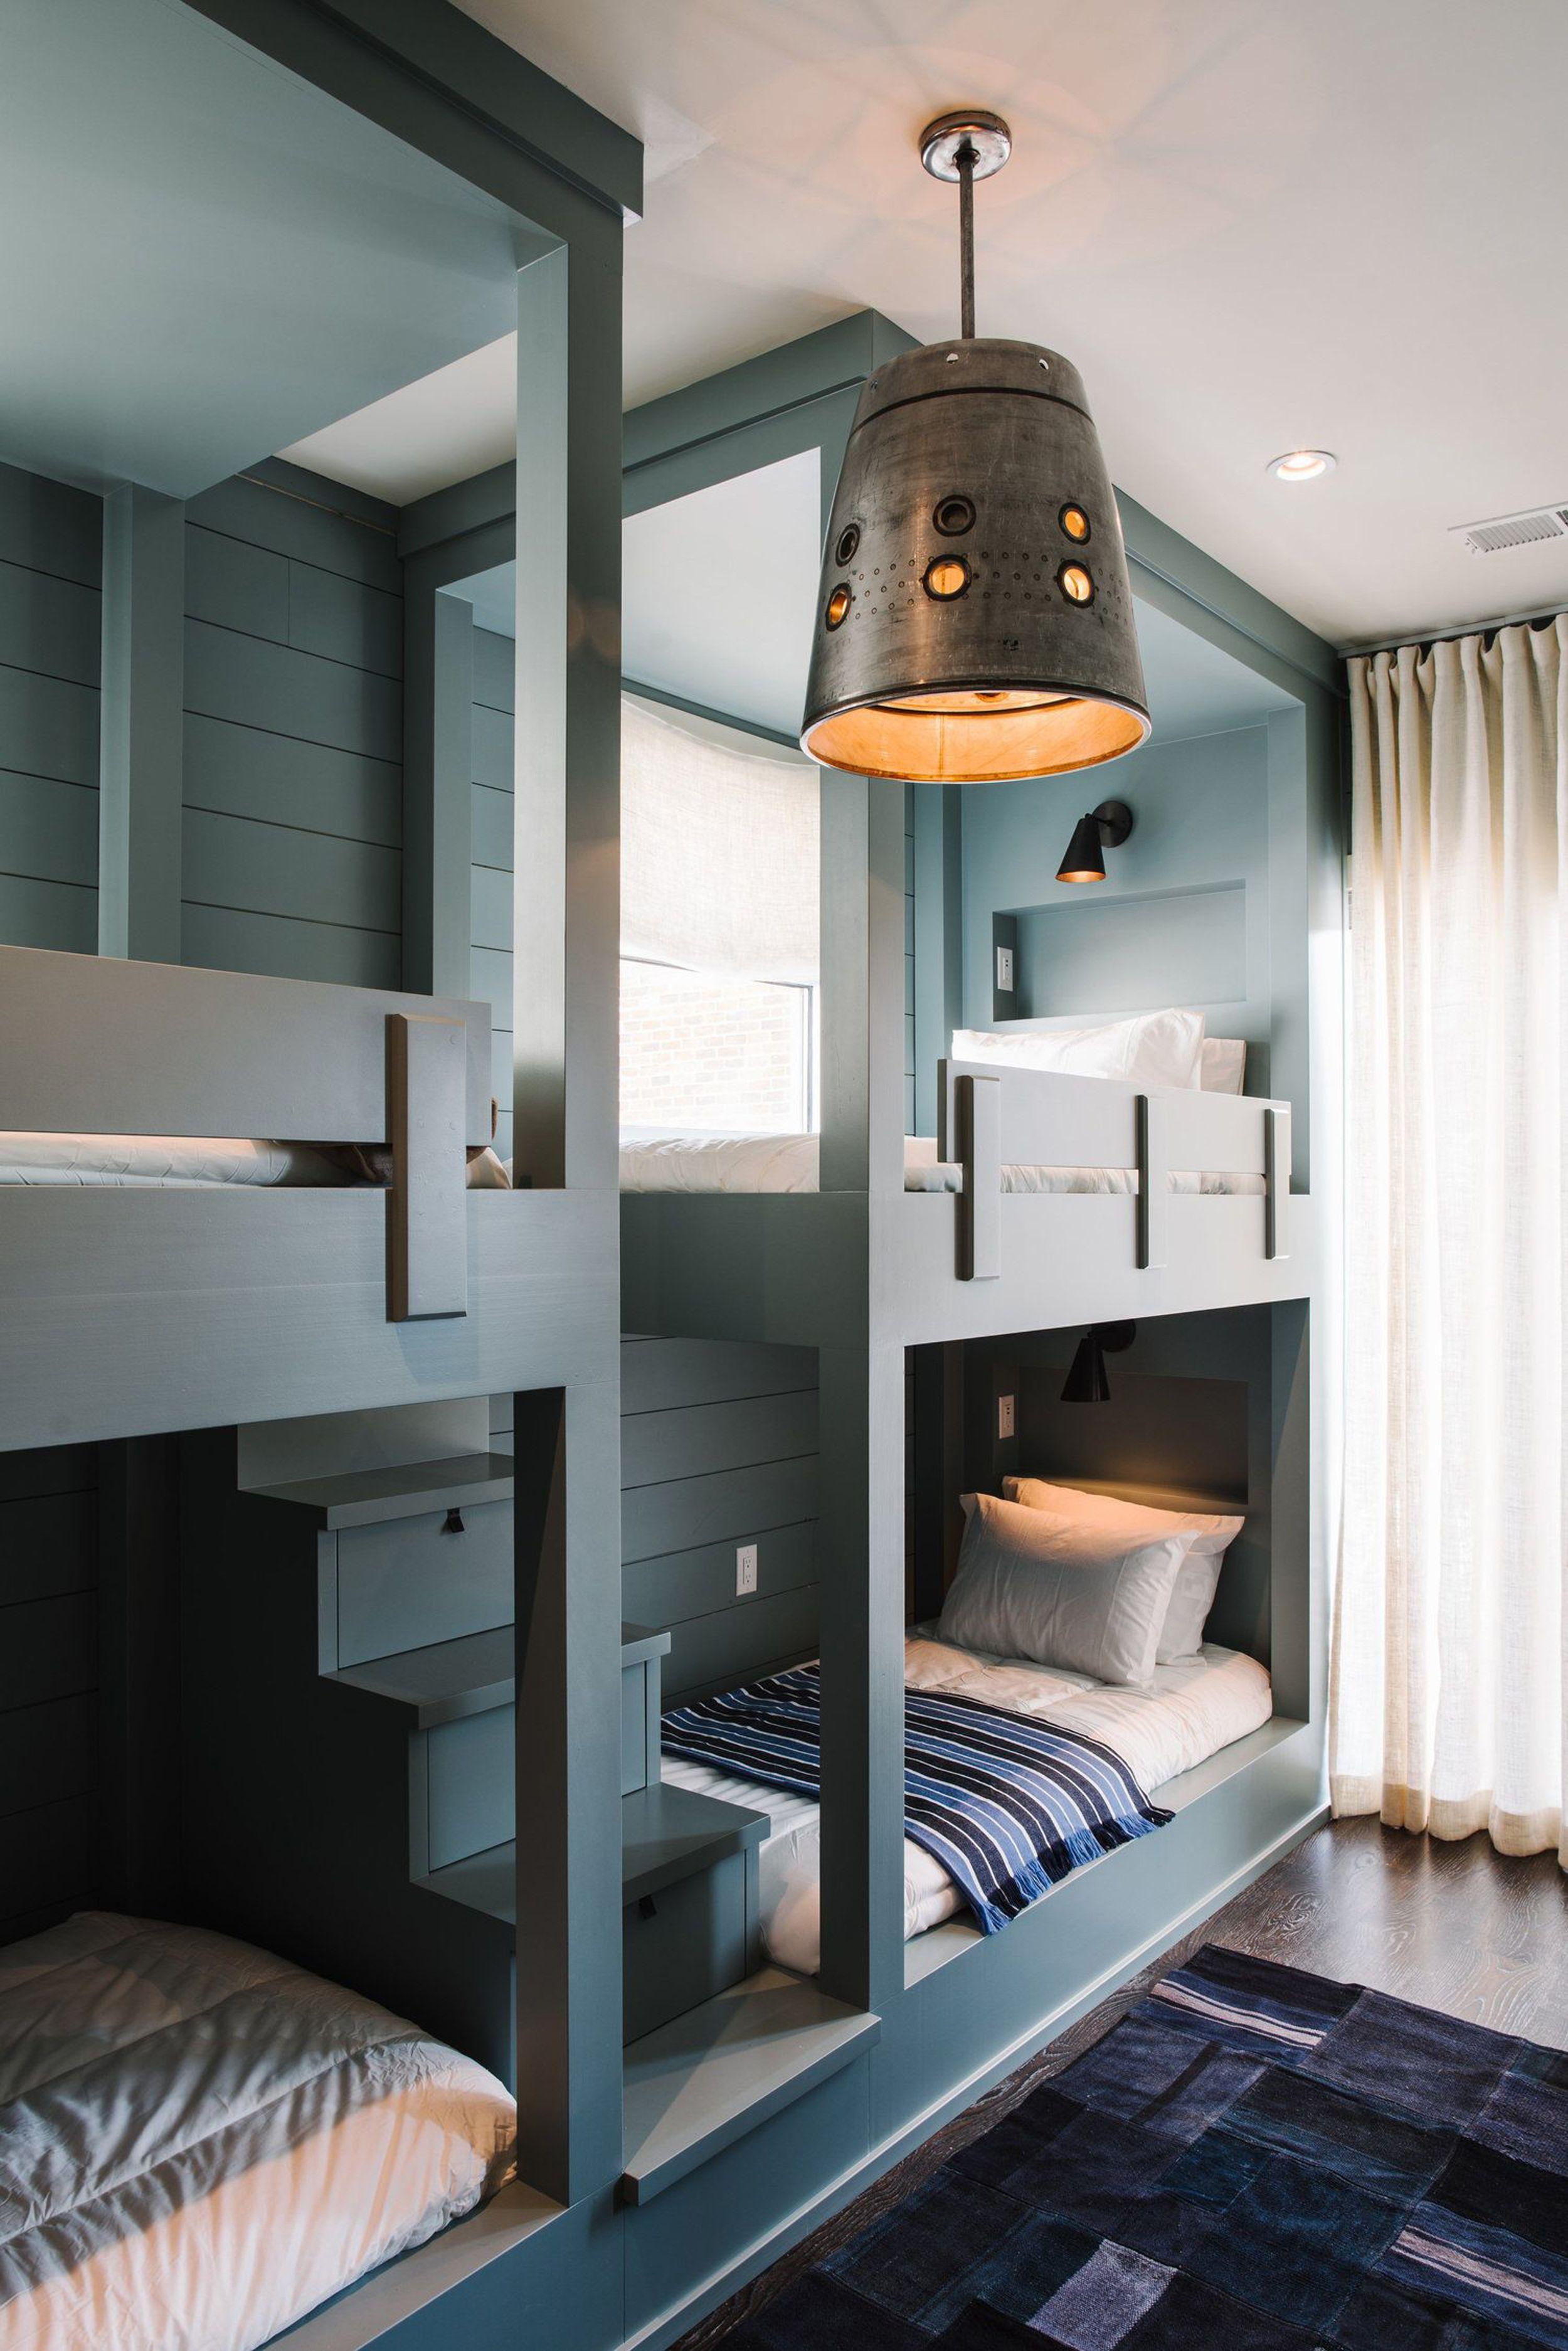 The Mountain Fixer Kids Bunk Room Update Bunk Bed Designs Bunk Beds Built In Bunk Rooms